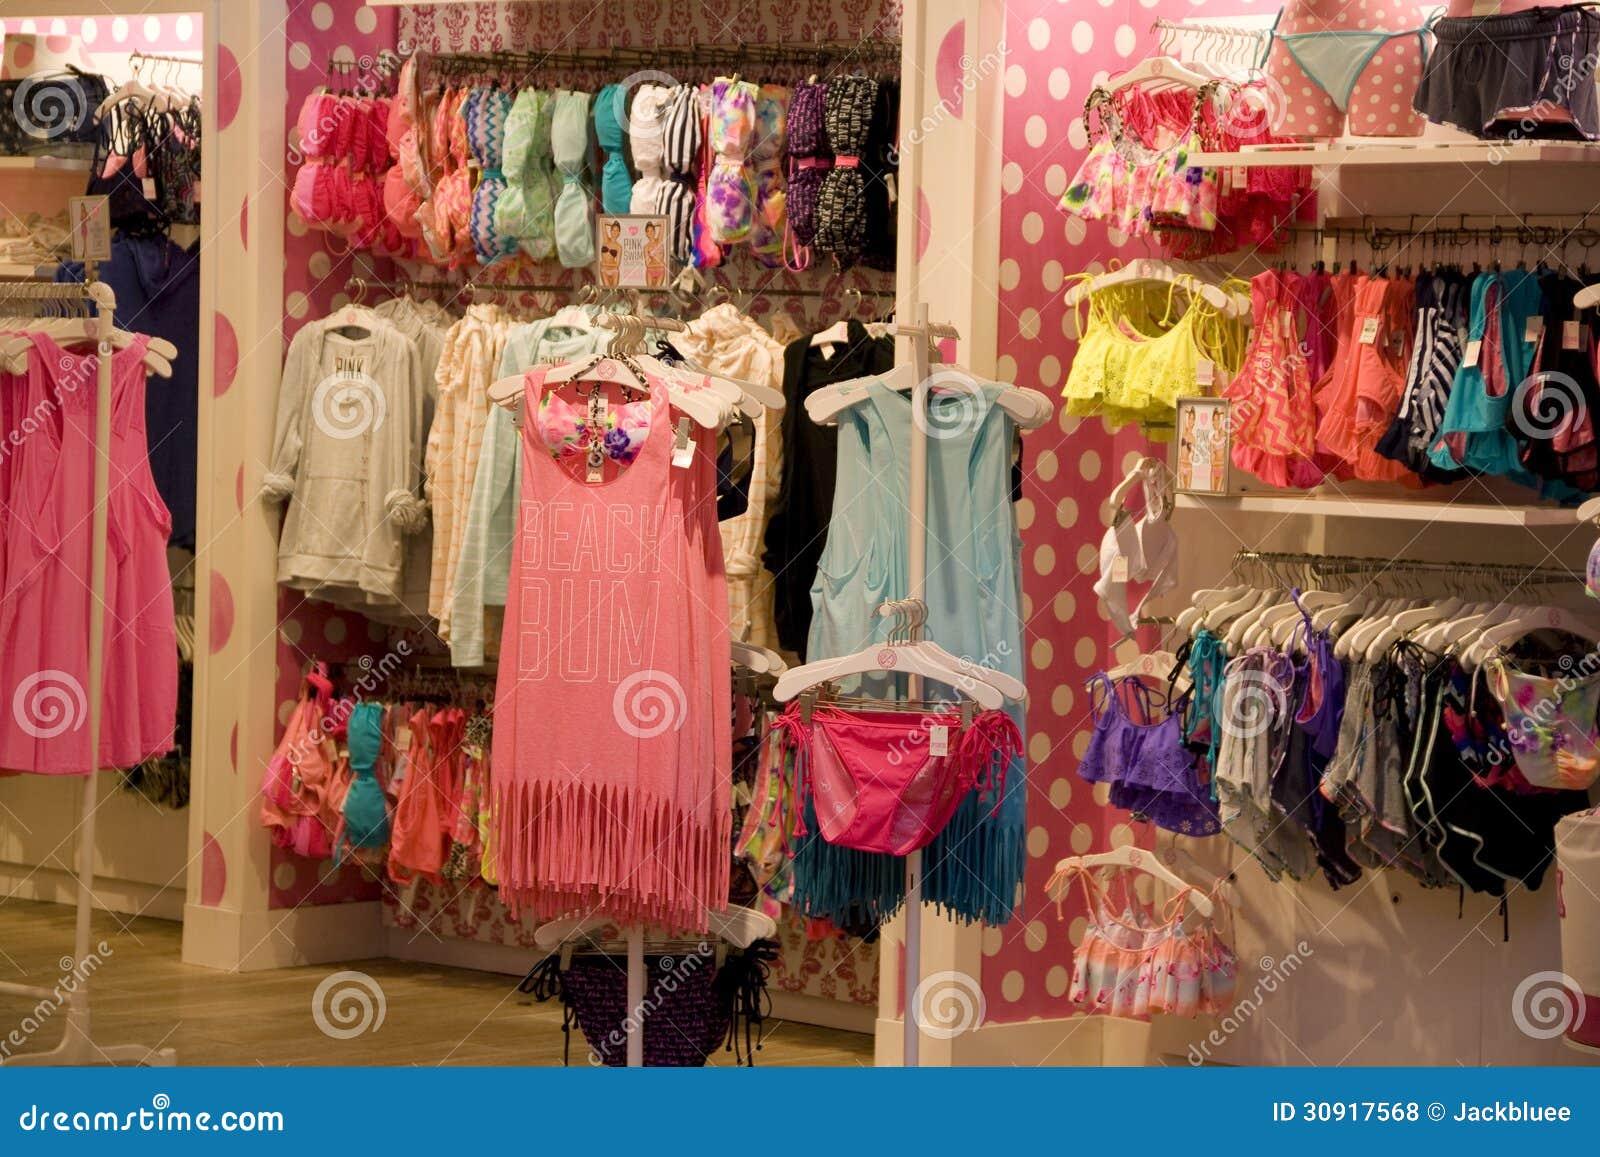 Victoria Pink under ware store